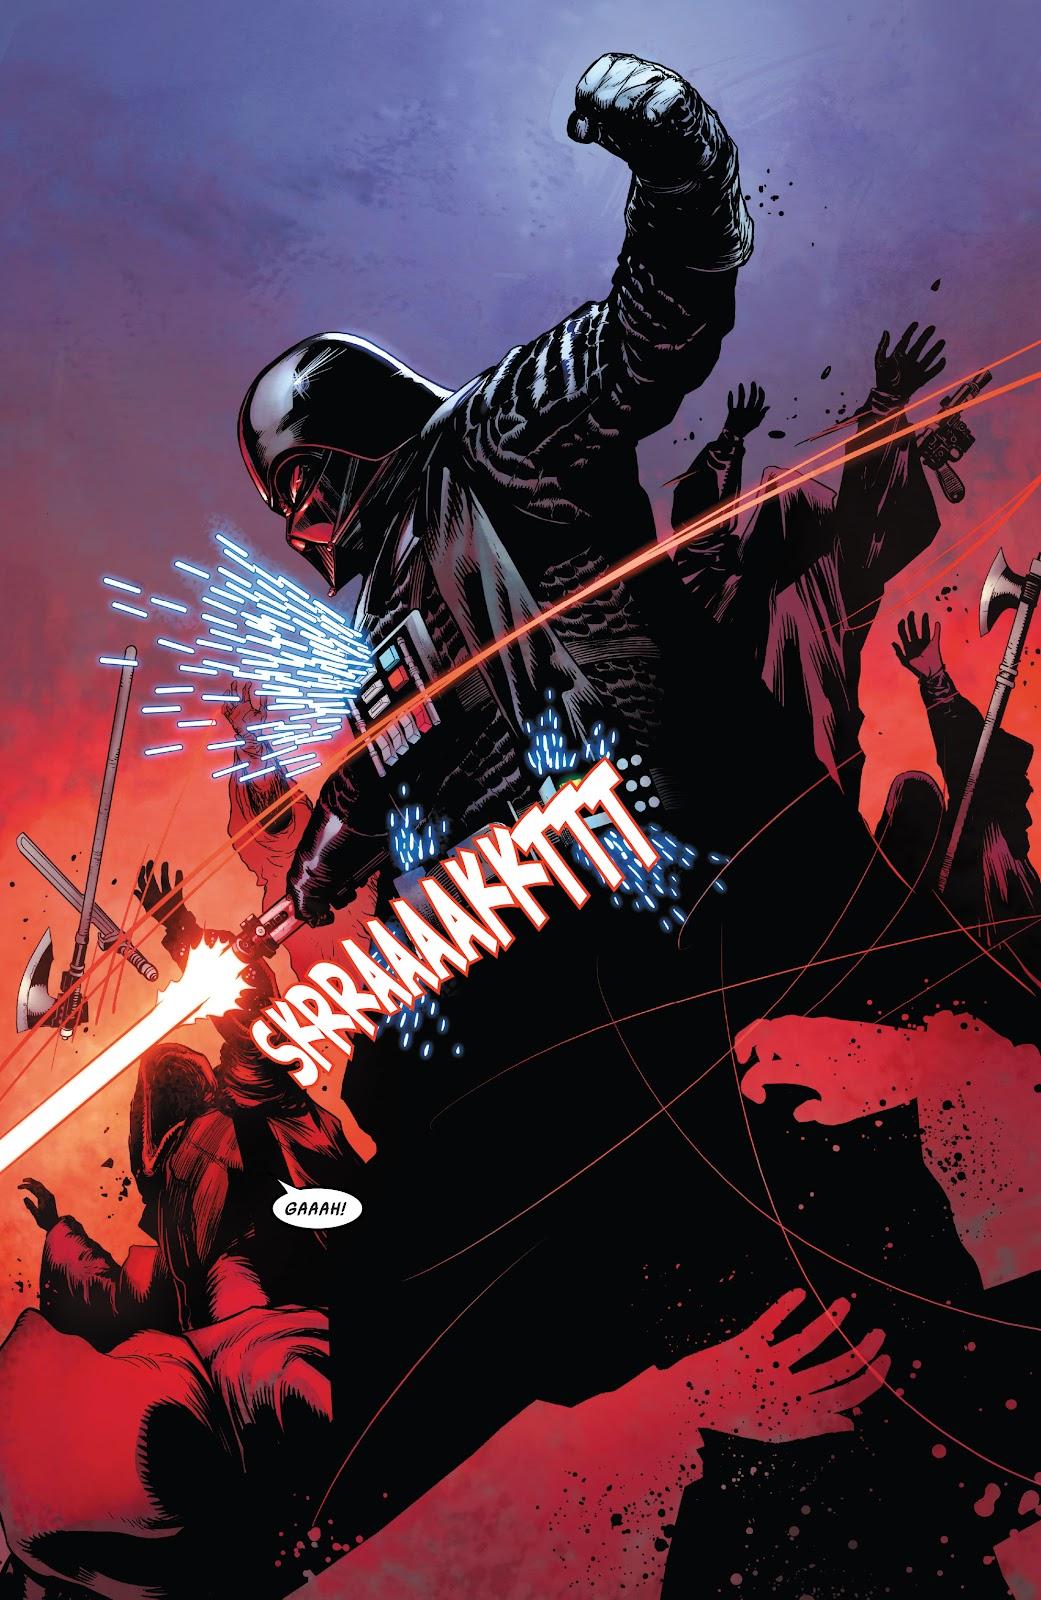 Star Wars: Darth Vader Vol. 1 #14